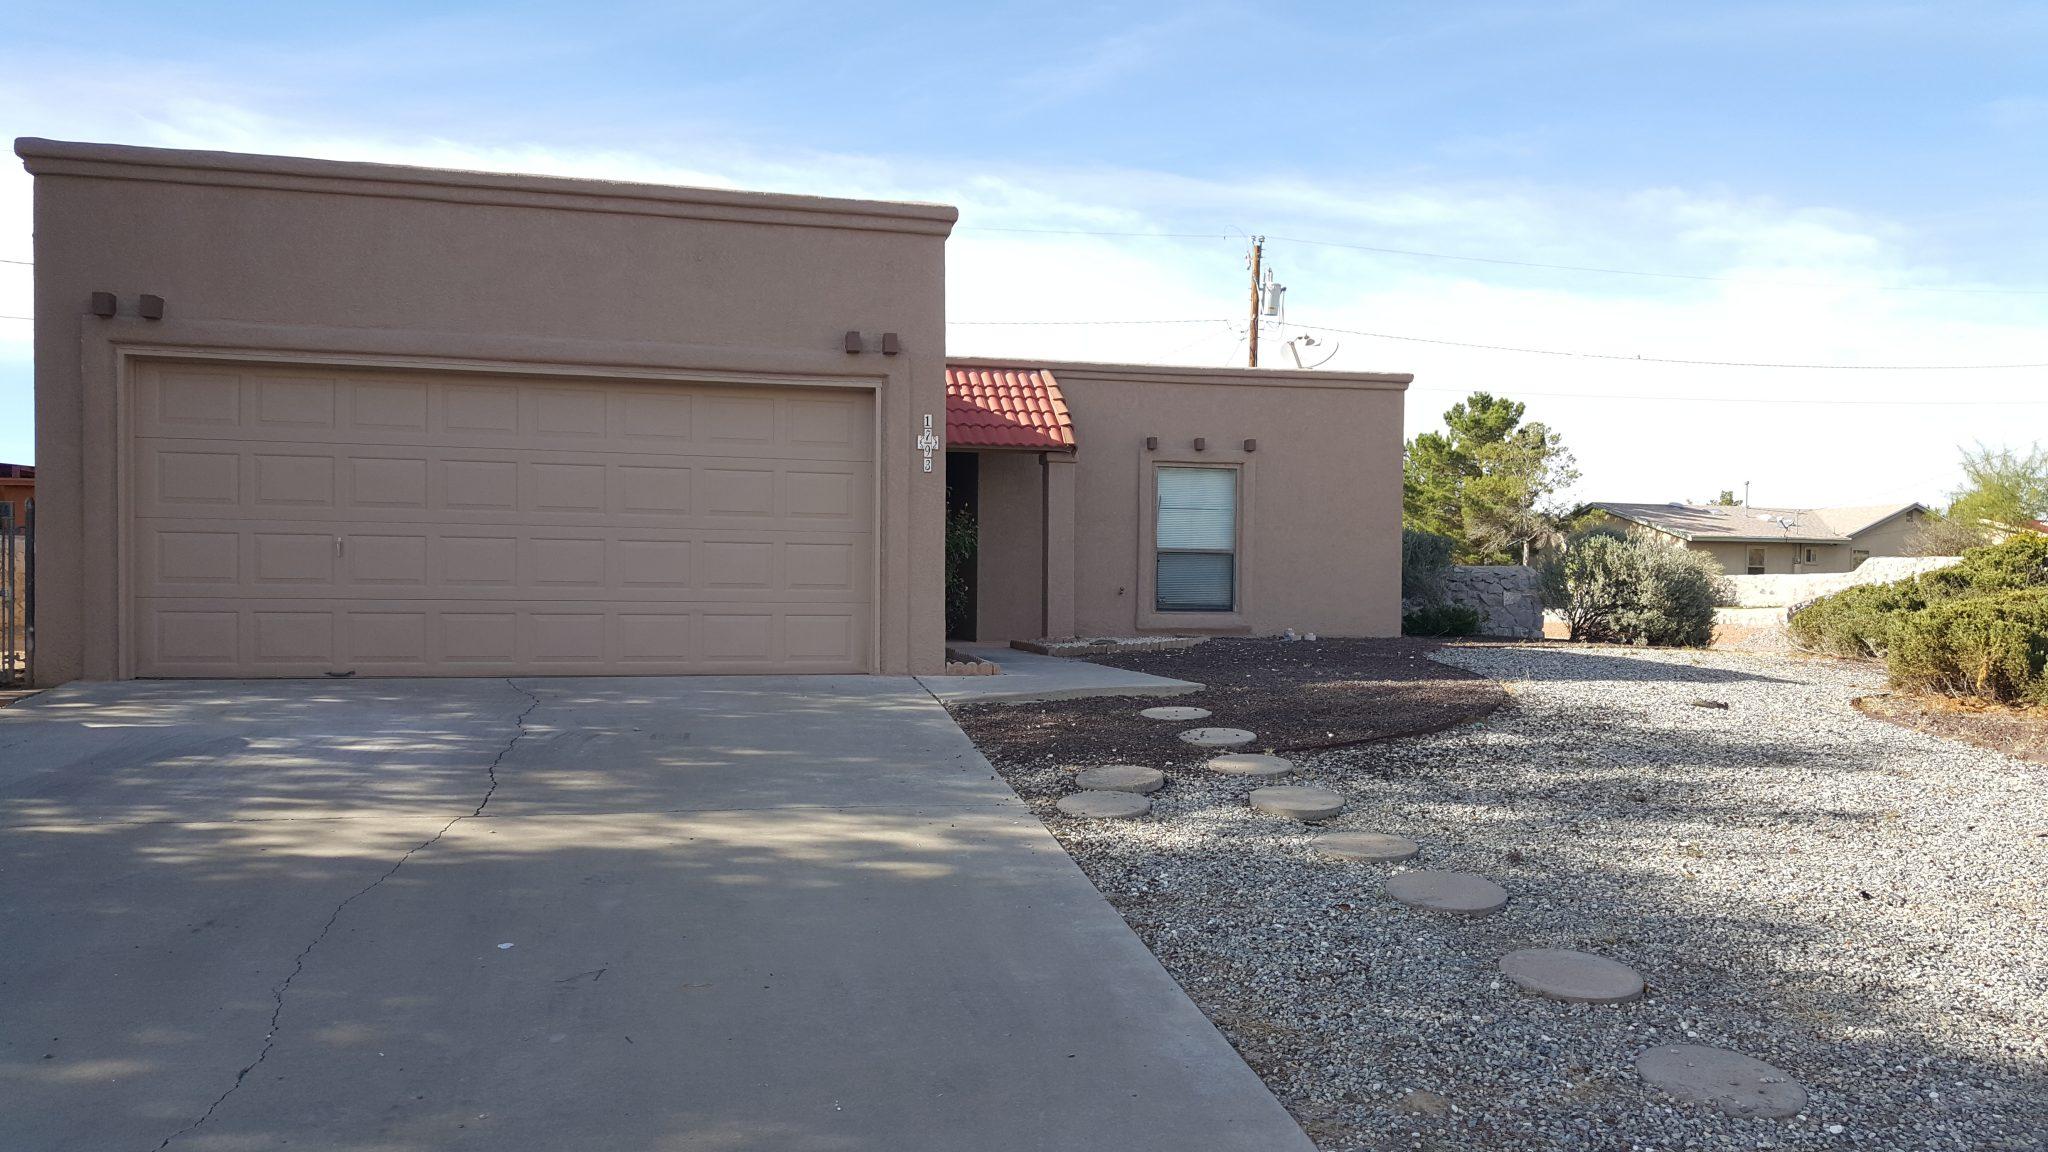 1793 Sumner Ave., Las Cruces, NM  88001